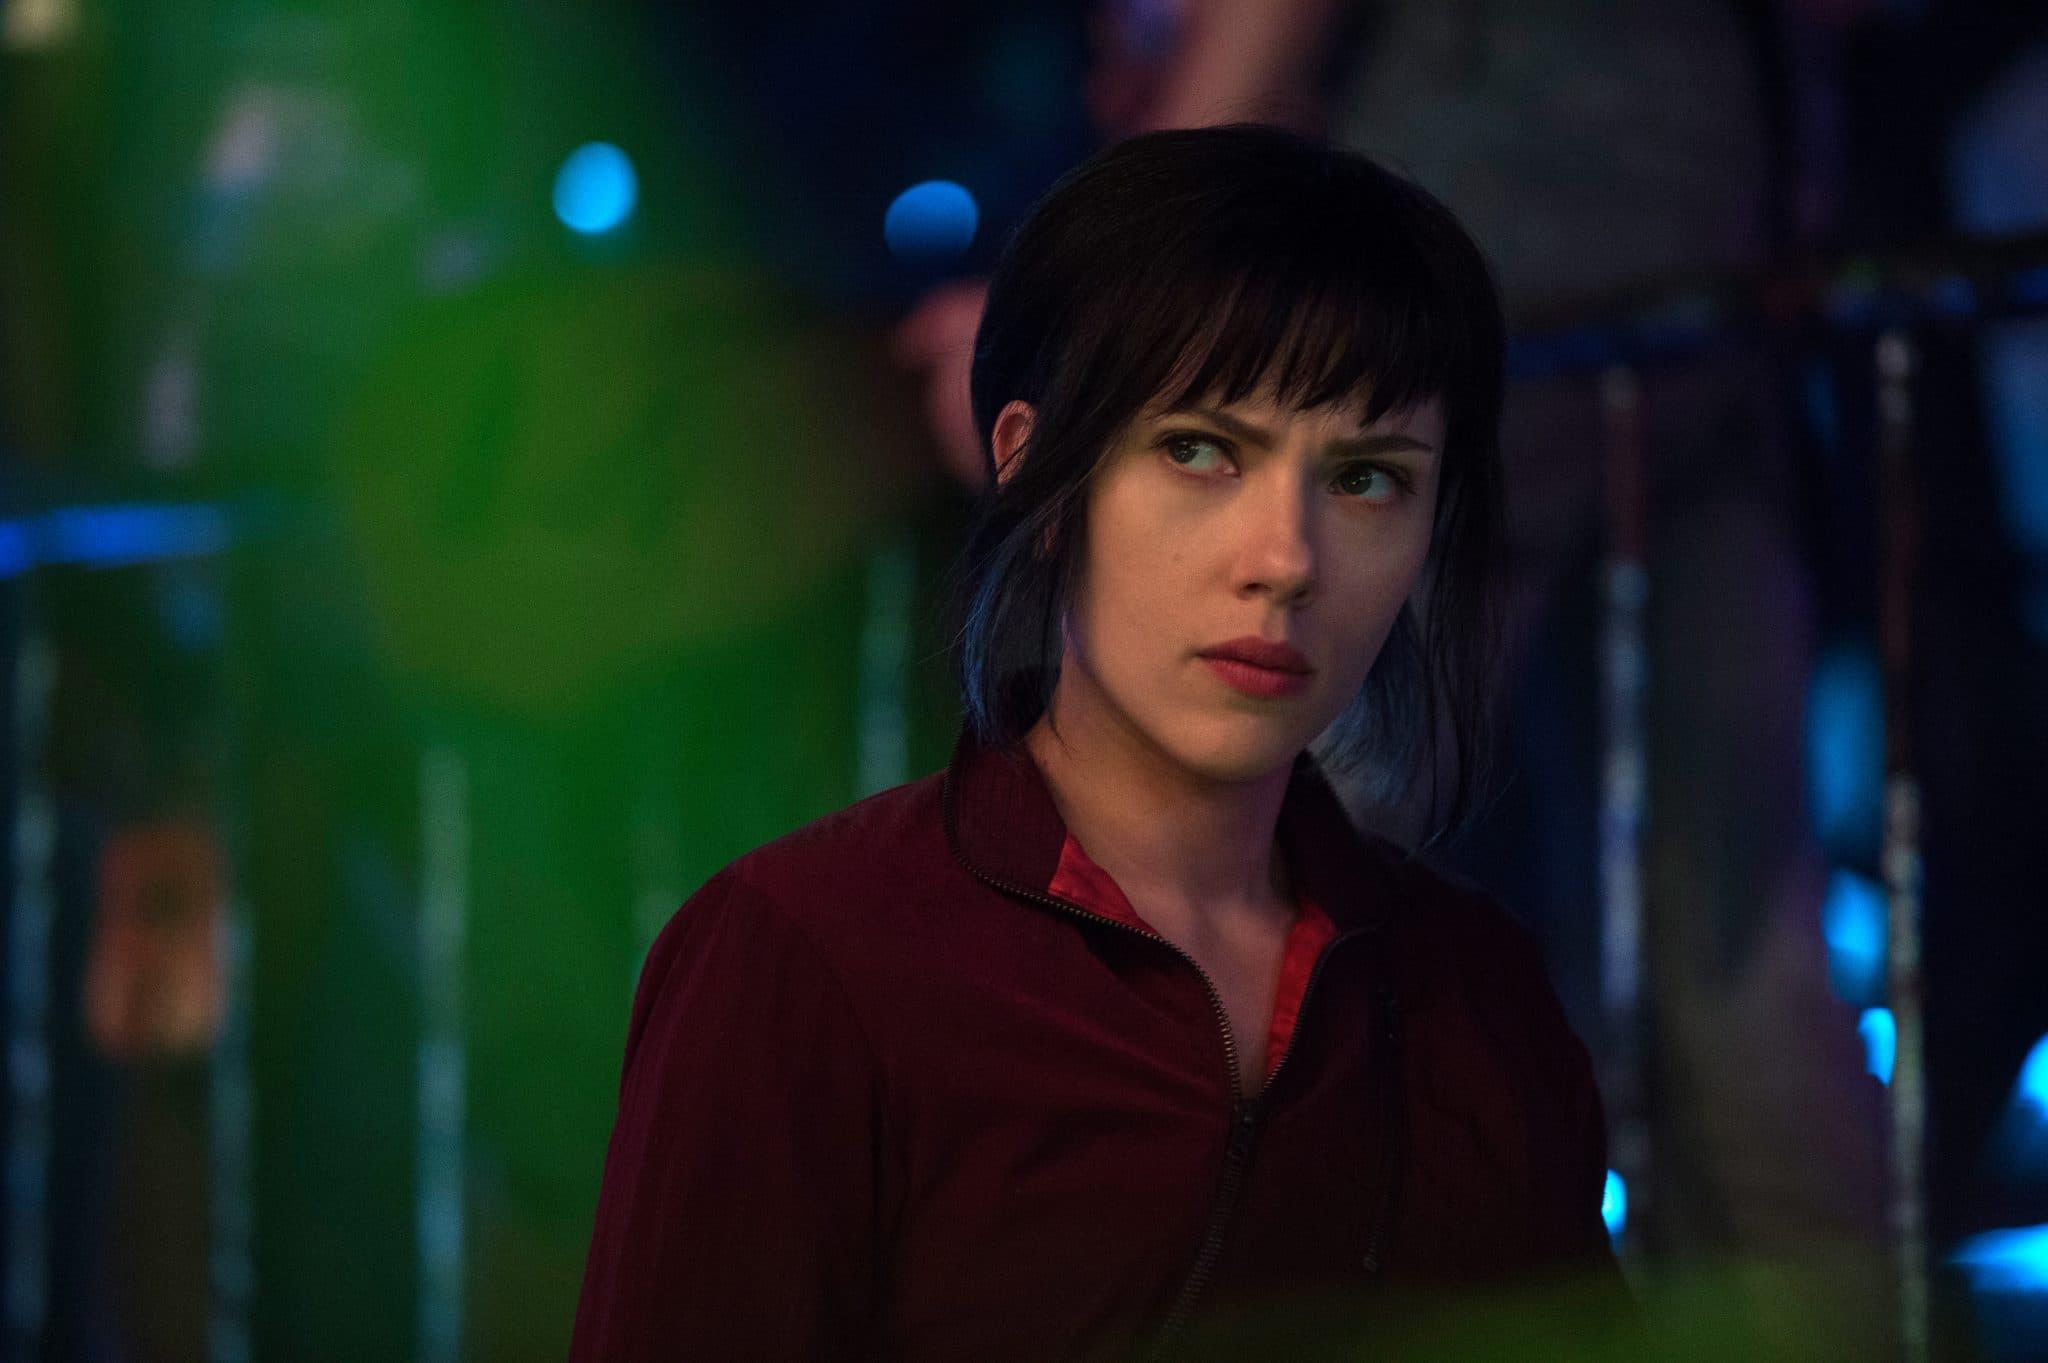 Scarlett Johansson aus Ghost in the Shell trägt eine schwarz gefärbte Kurzhaarfrisur sowie ein rotes Oberteil. Sie schaut skeptisch an der Kamera vorbei, der Hintergrund zeigt verschwommene bunte Lichter. Scarlett Johannsson wurde für die Rolle der Frankenstein's Braut gecastet - unser Filmtoast Newsbrunch.